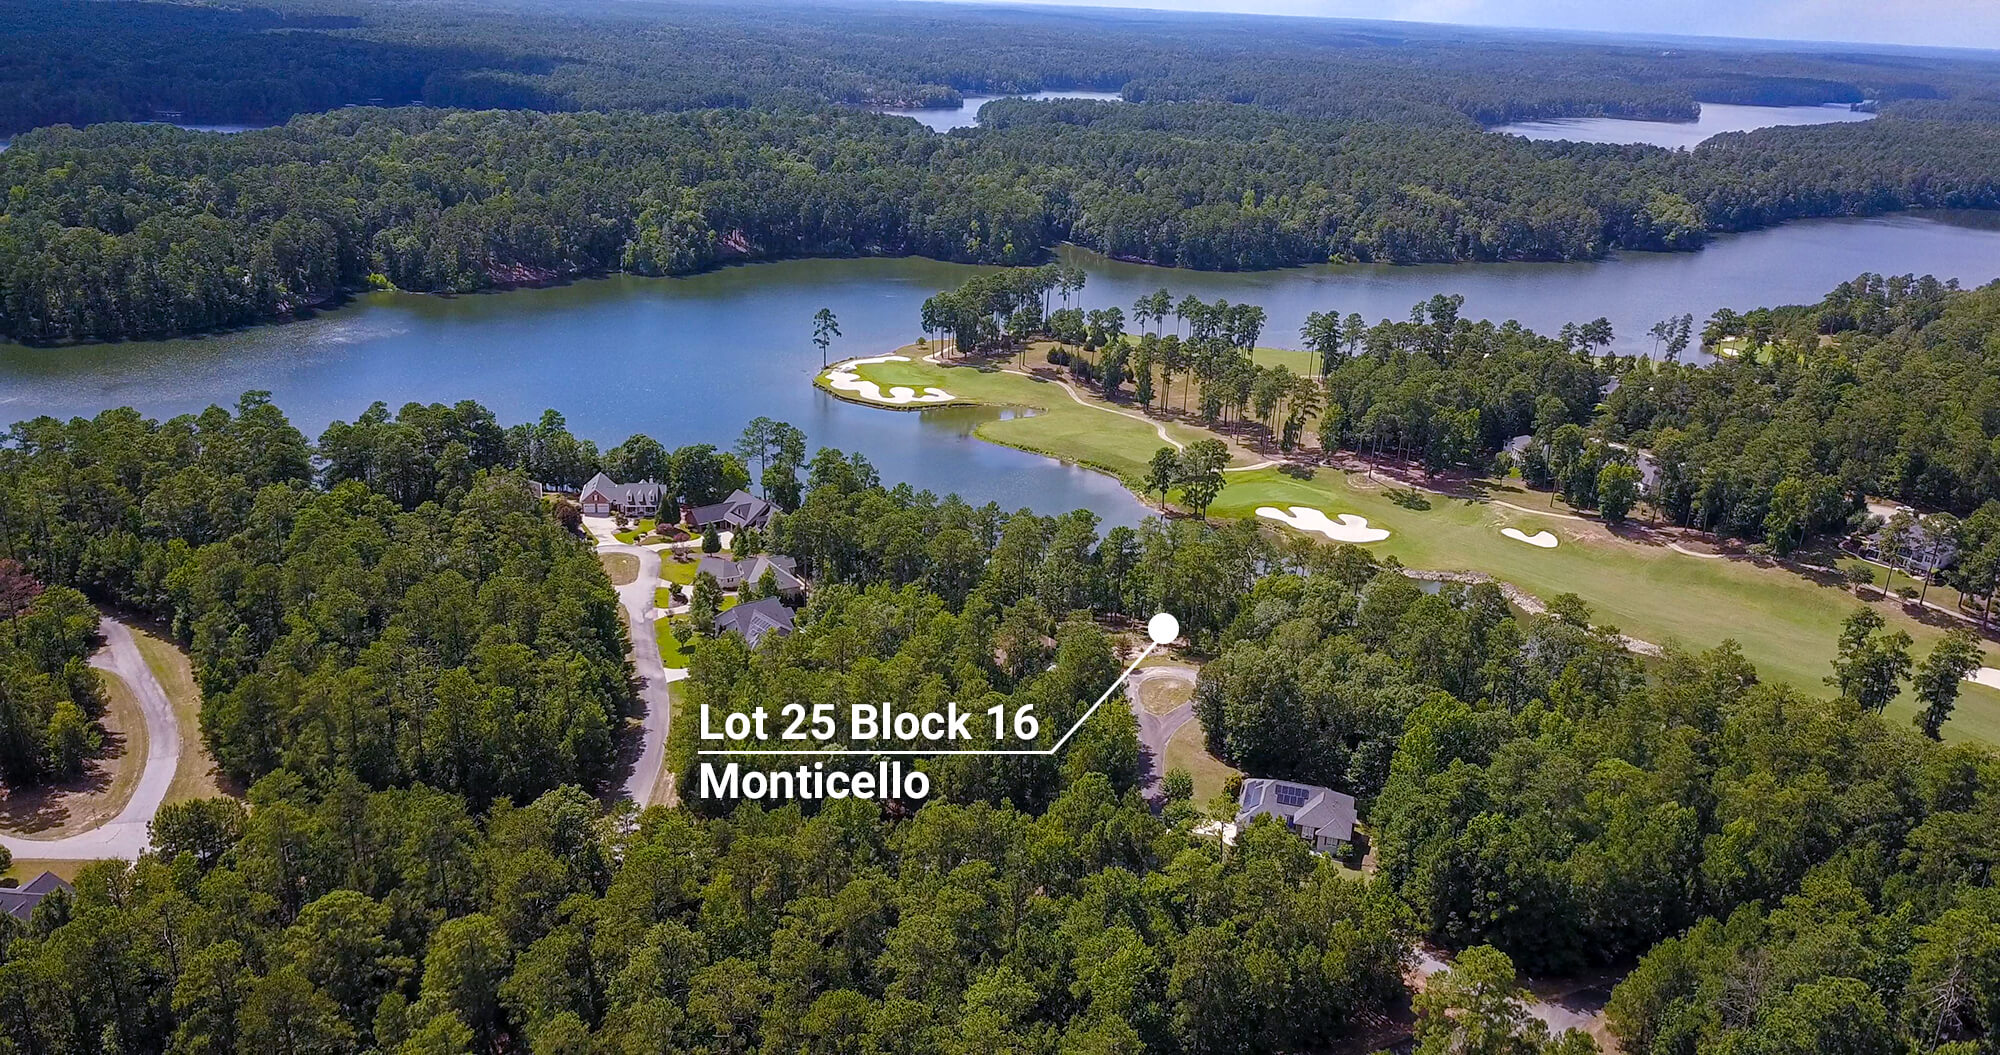 Lot 25 Block 16 Monticello, McCormick SC 29835